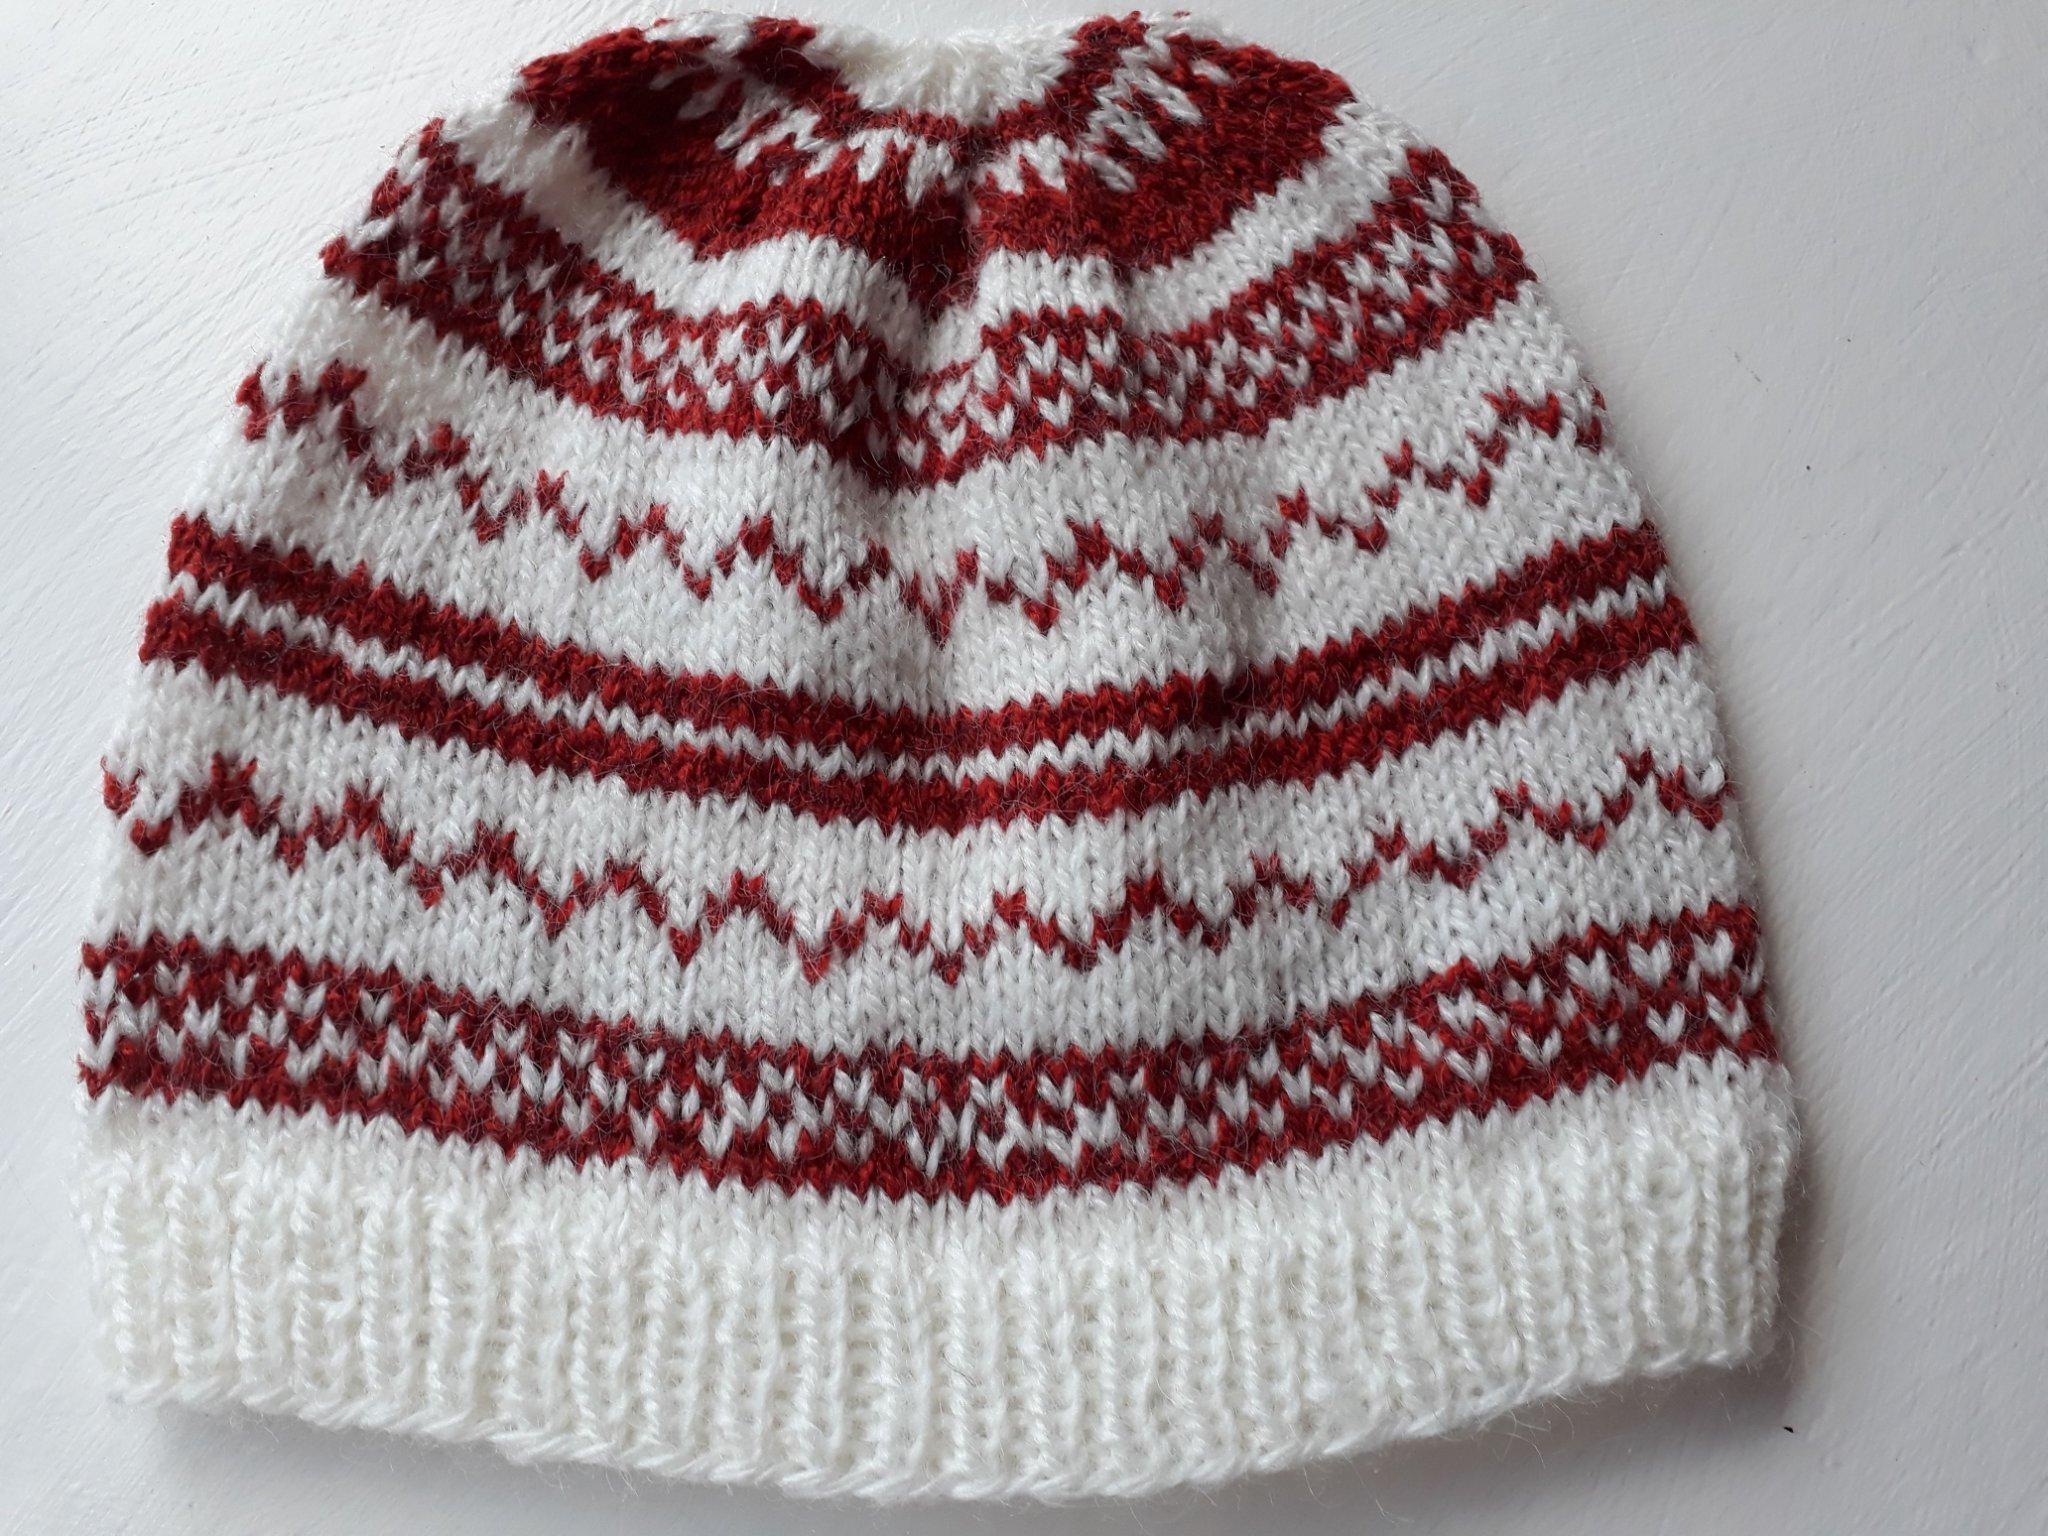 spetsar in uttag online prestanda sportkläder Hemstickad mössa ny (366999812) ᐈ Köp på Tradera